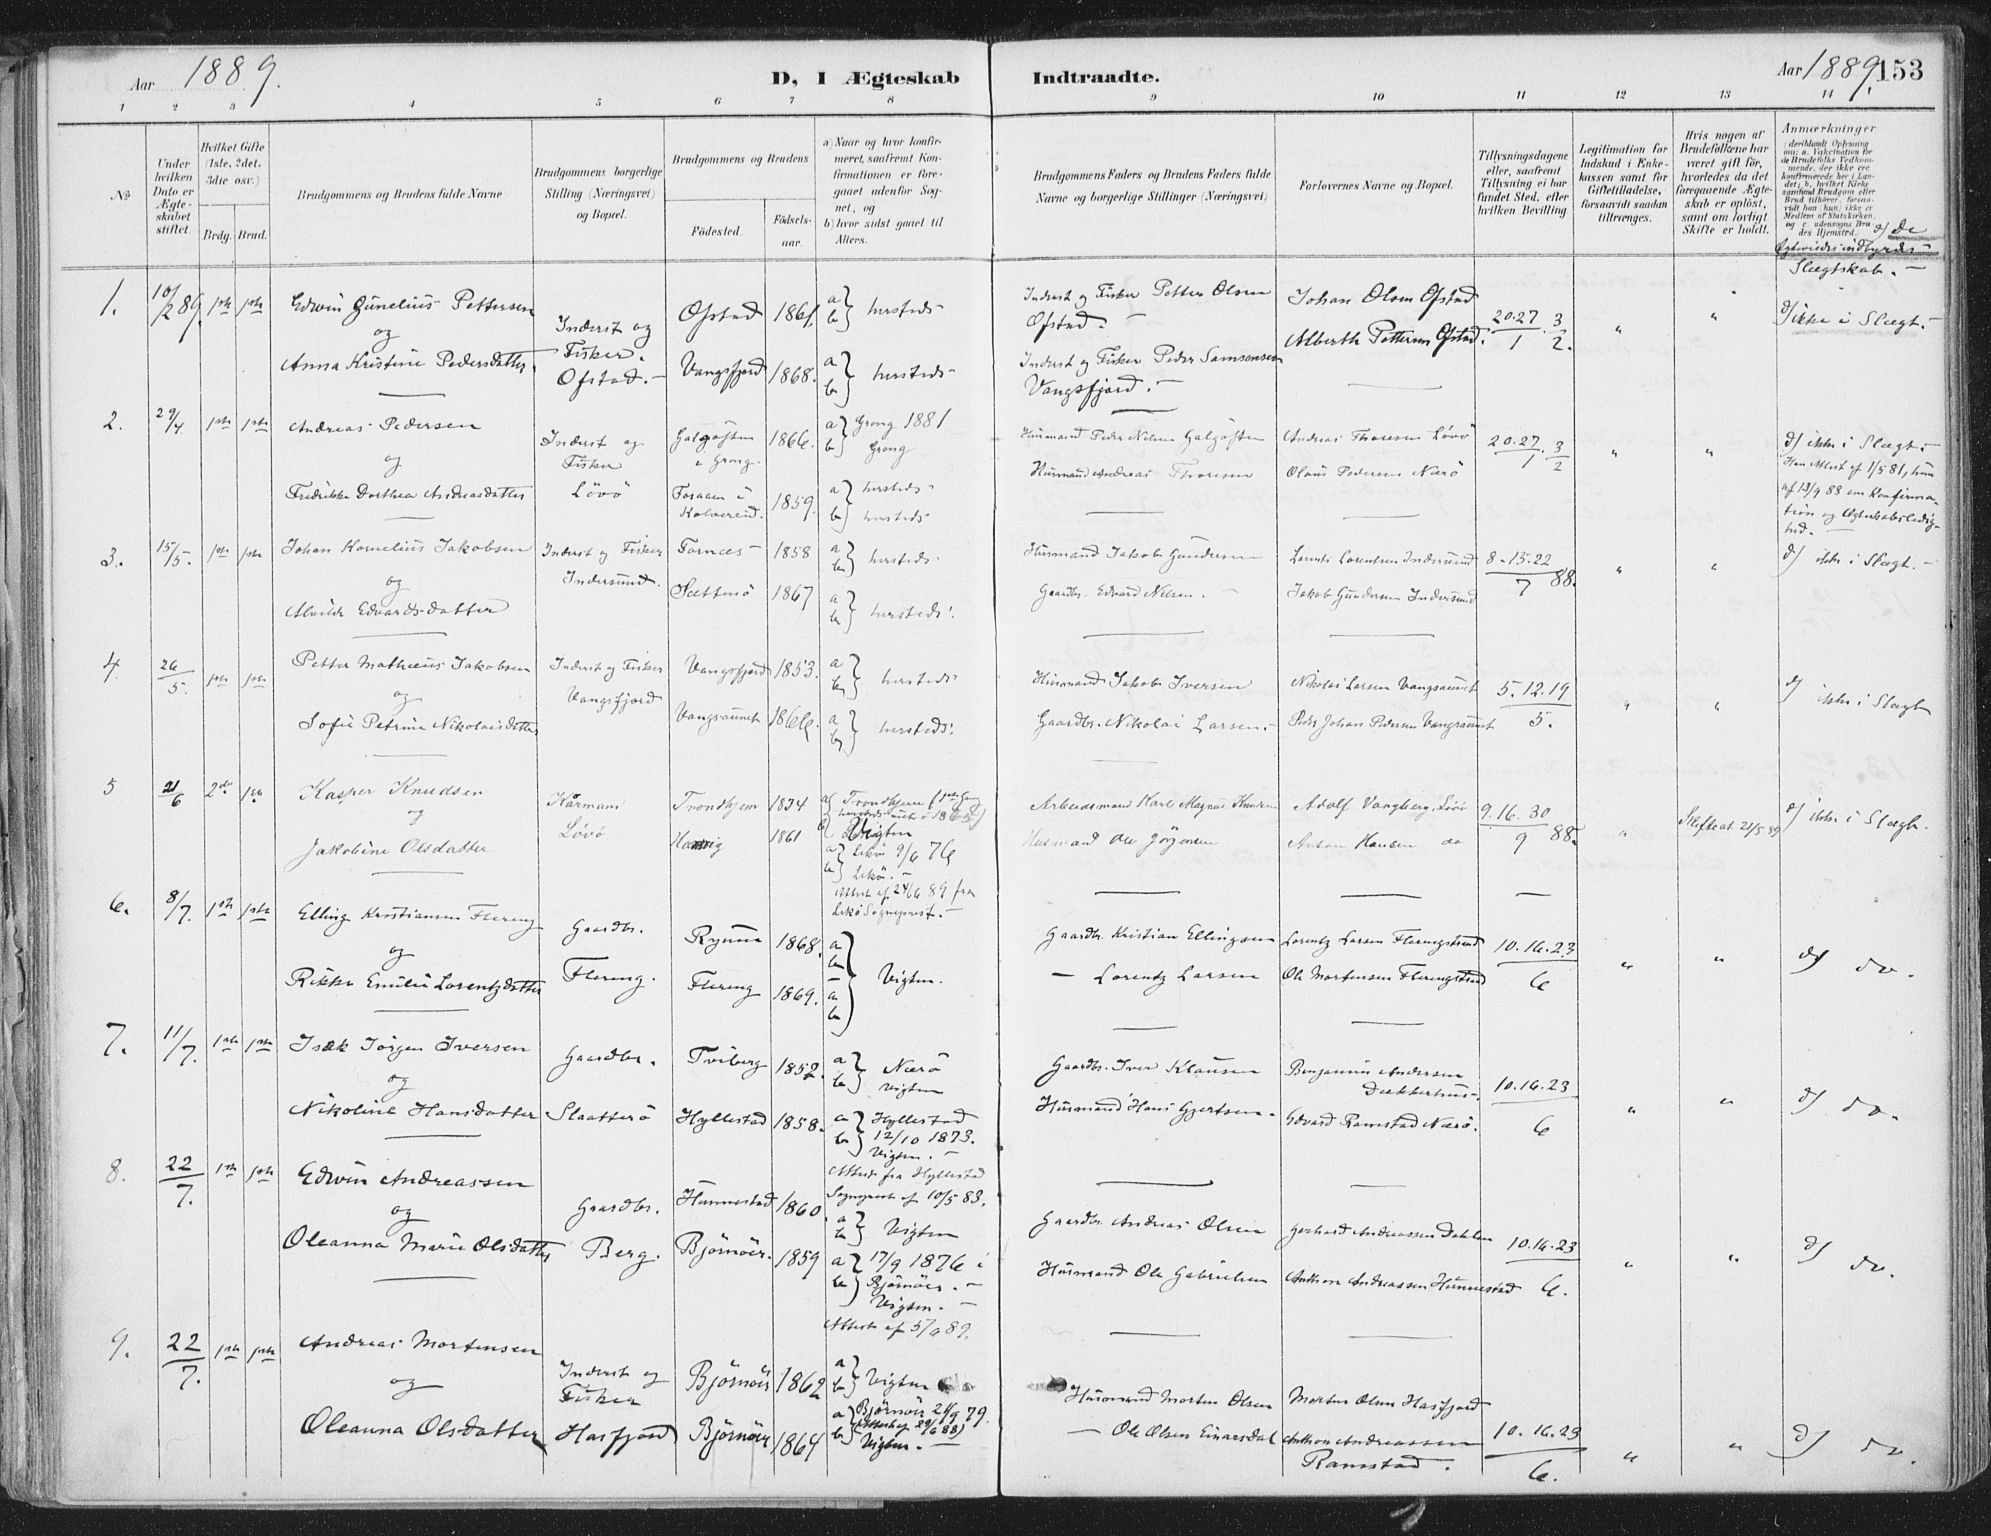 SAT, Ministerialprotokoller, klokkerbøker og fødselsregistre - Nord-Trøndelag, 786/L0687: Ministerialbok nr. 786A03, 1888-1898, s. 153